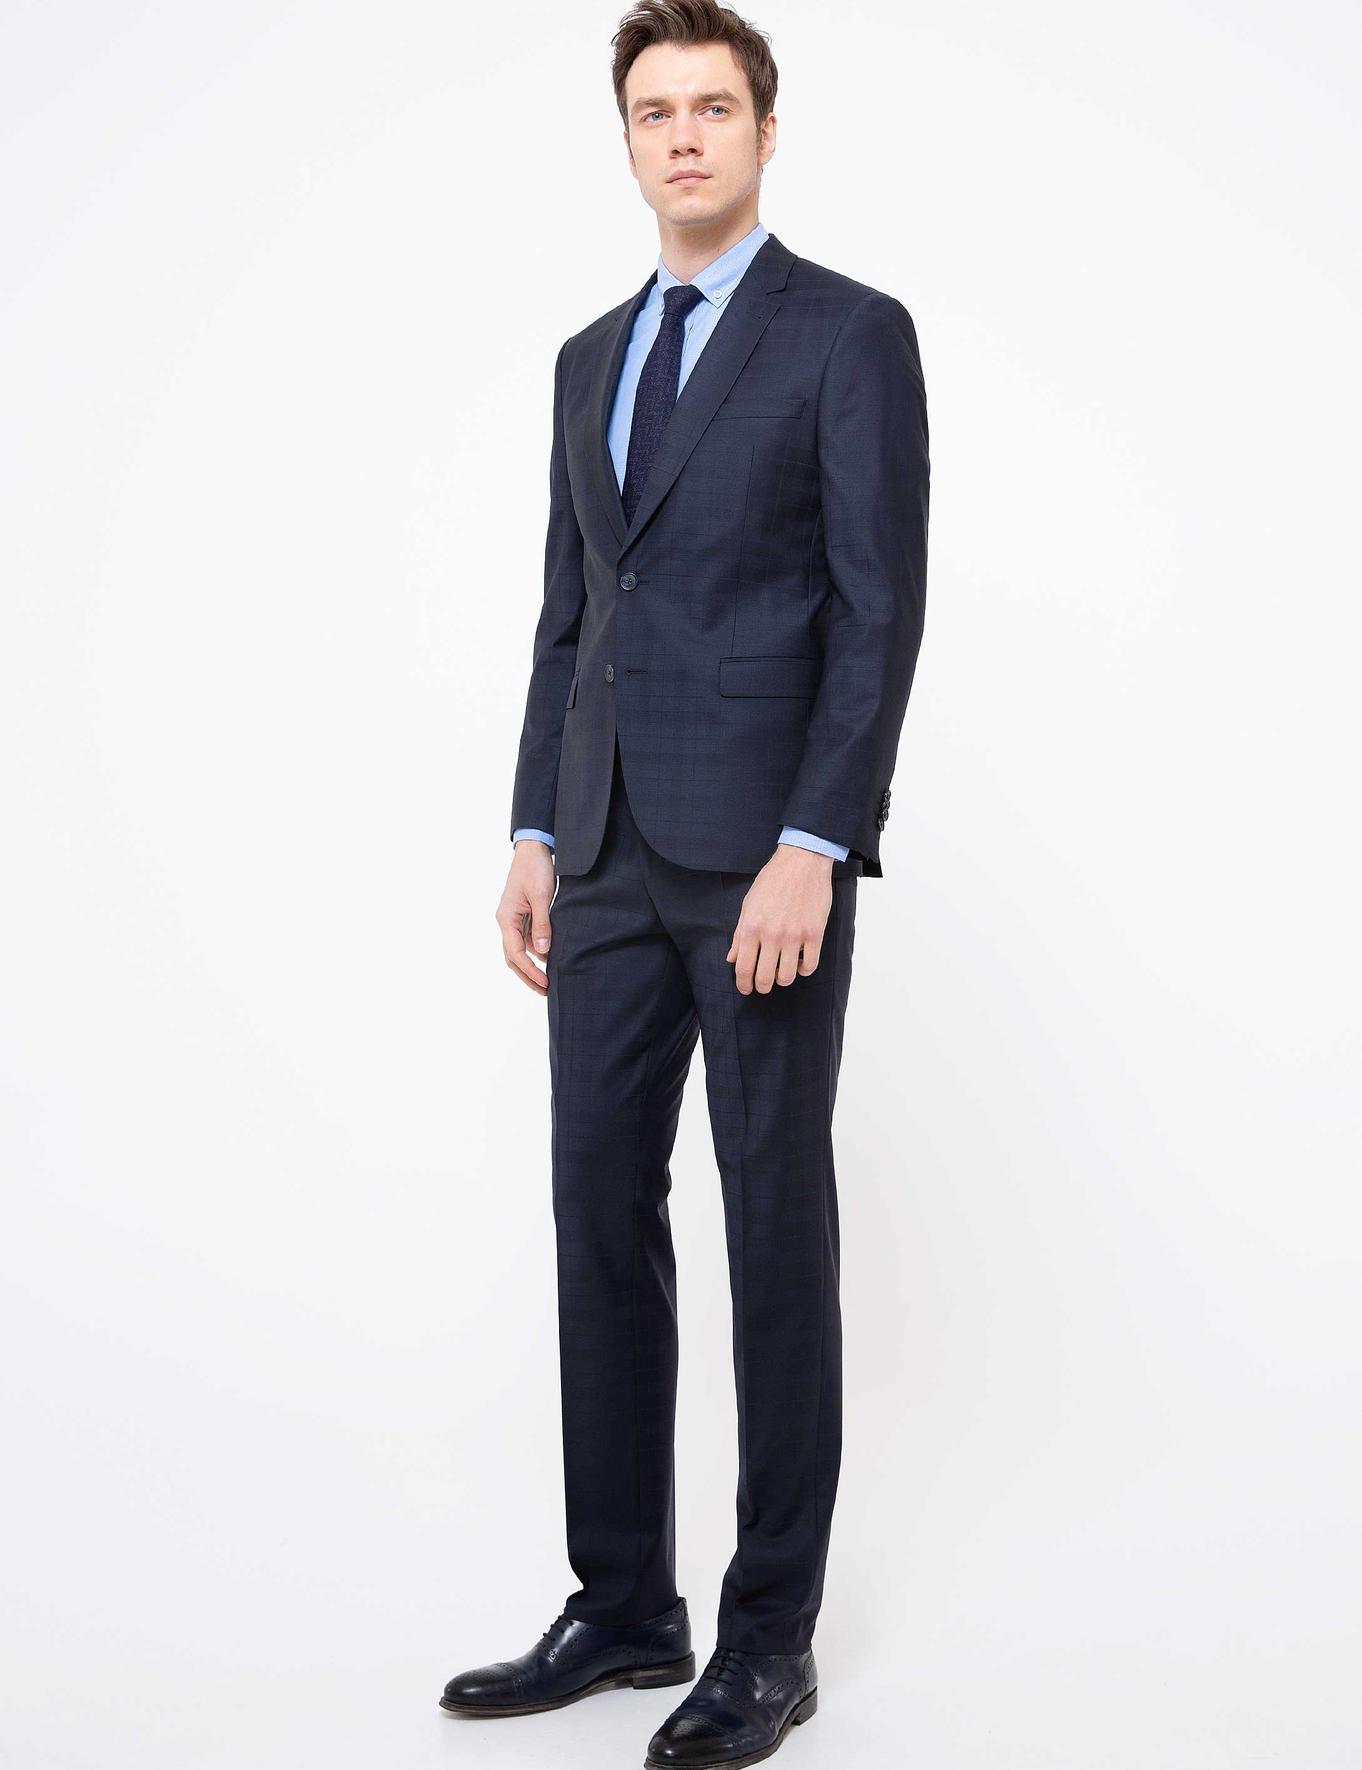 Lacivert Slim Fit Takım Elbise - 50201214008